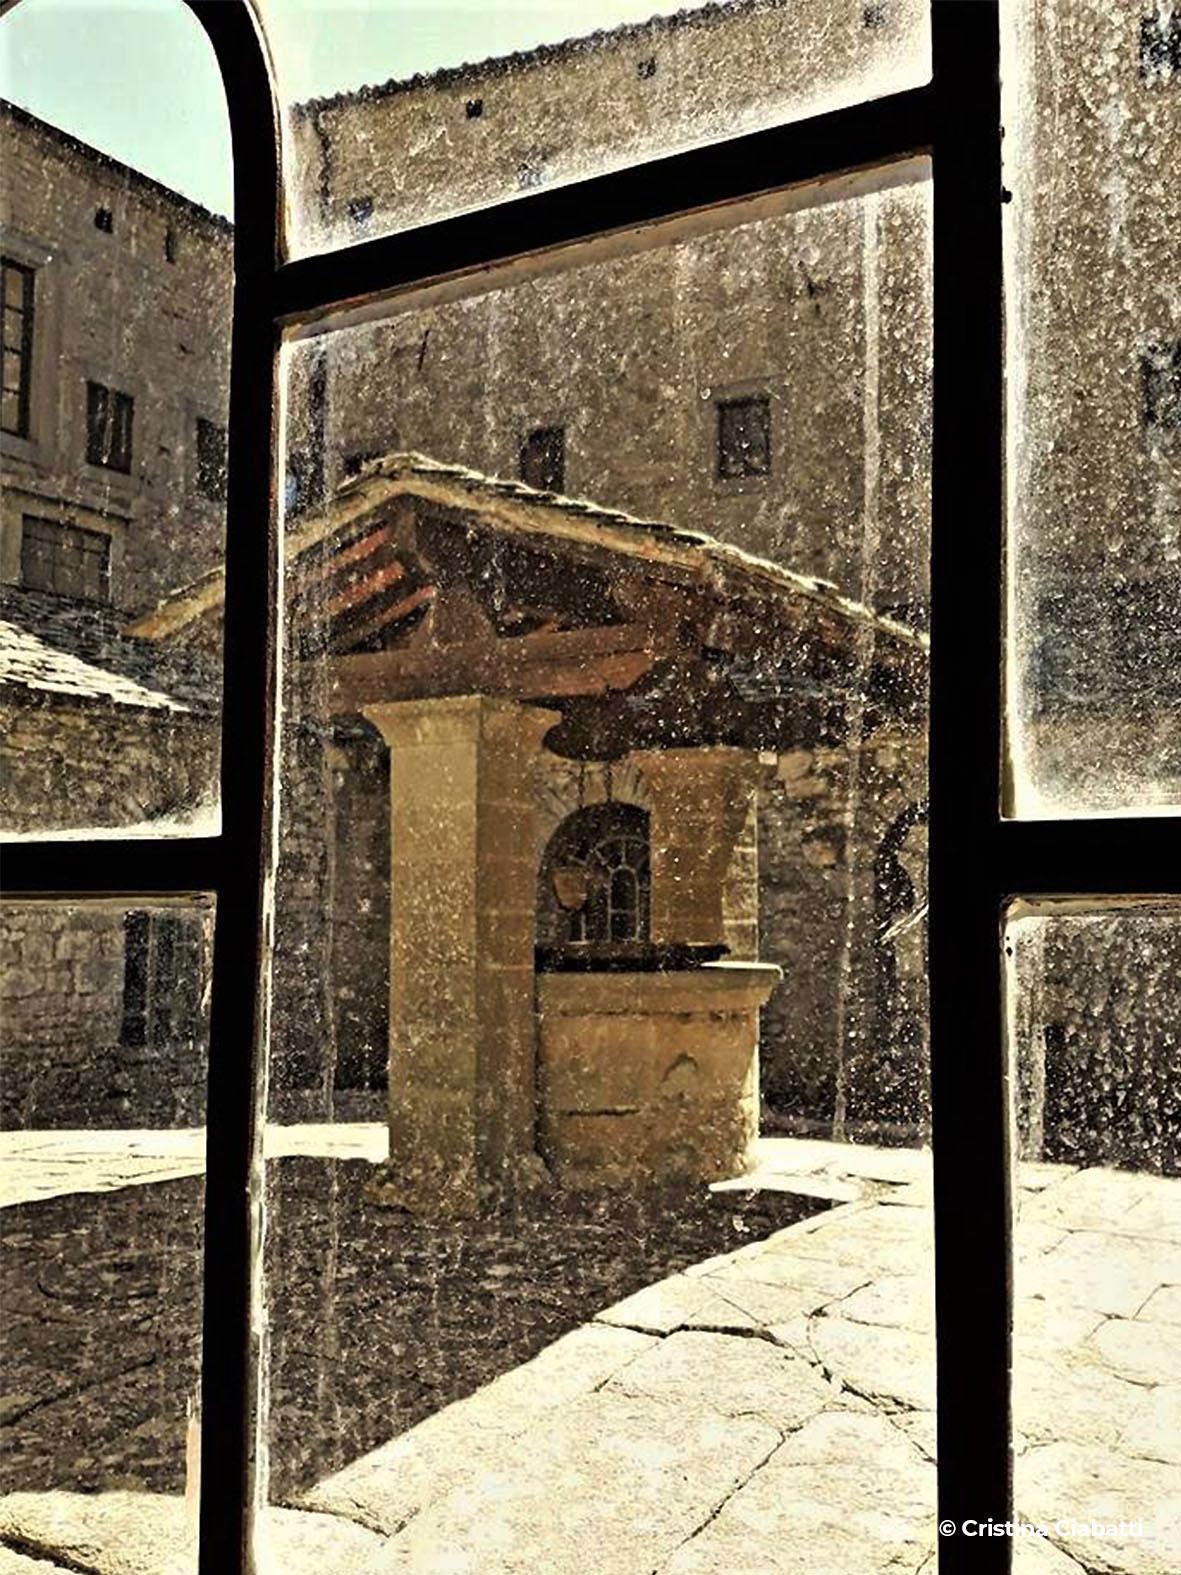 La Verna - Progettoidea chiusi della verna (©cristina ciabatti)